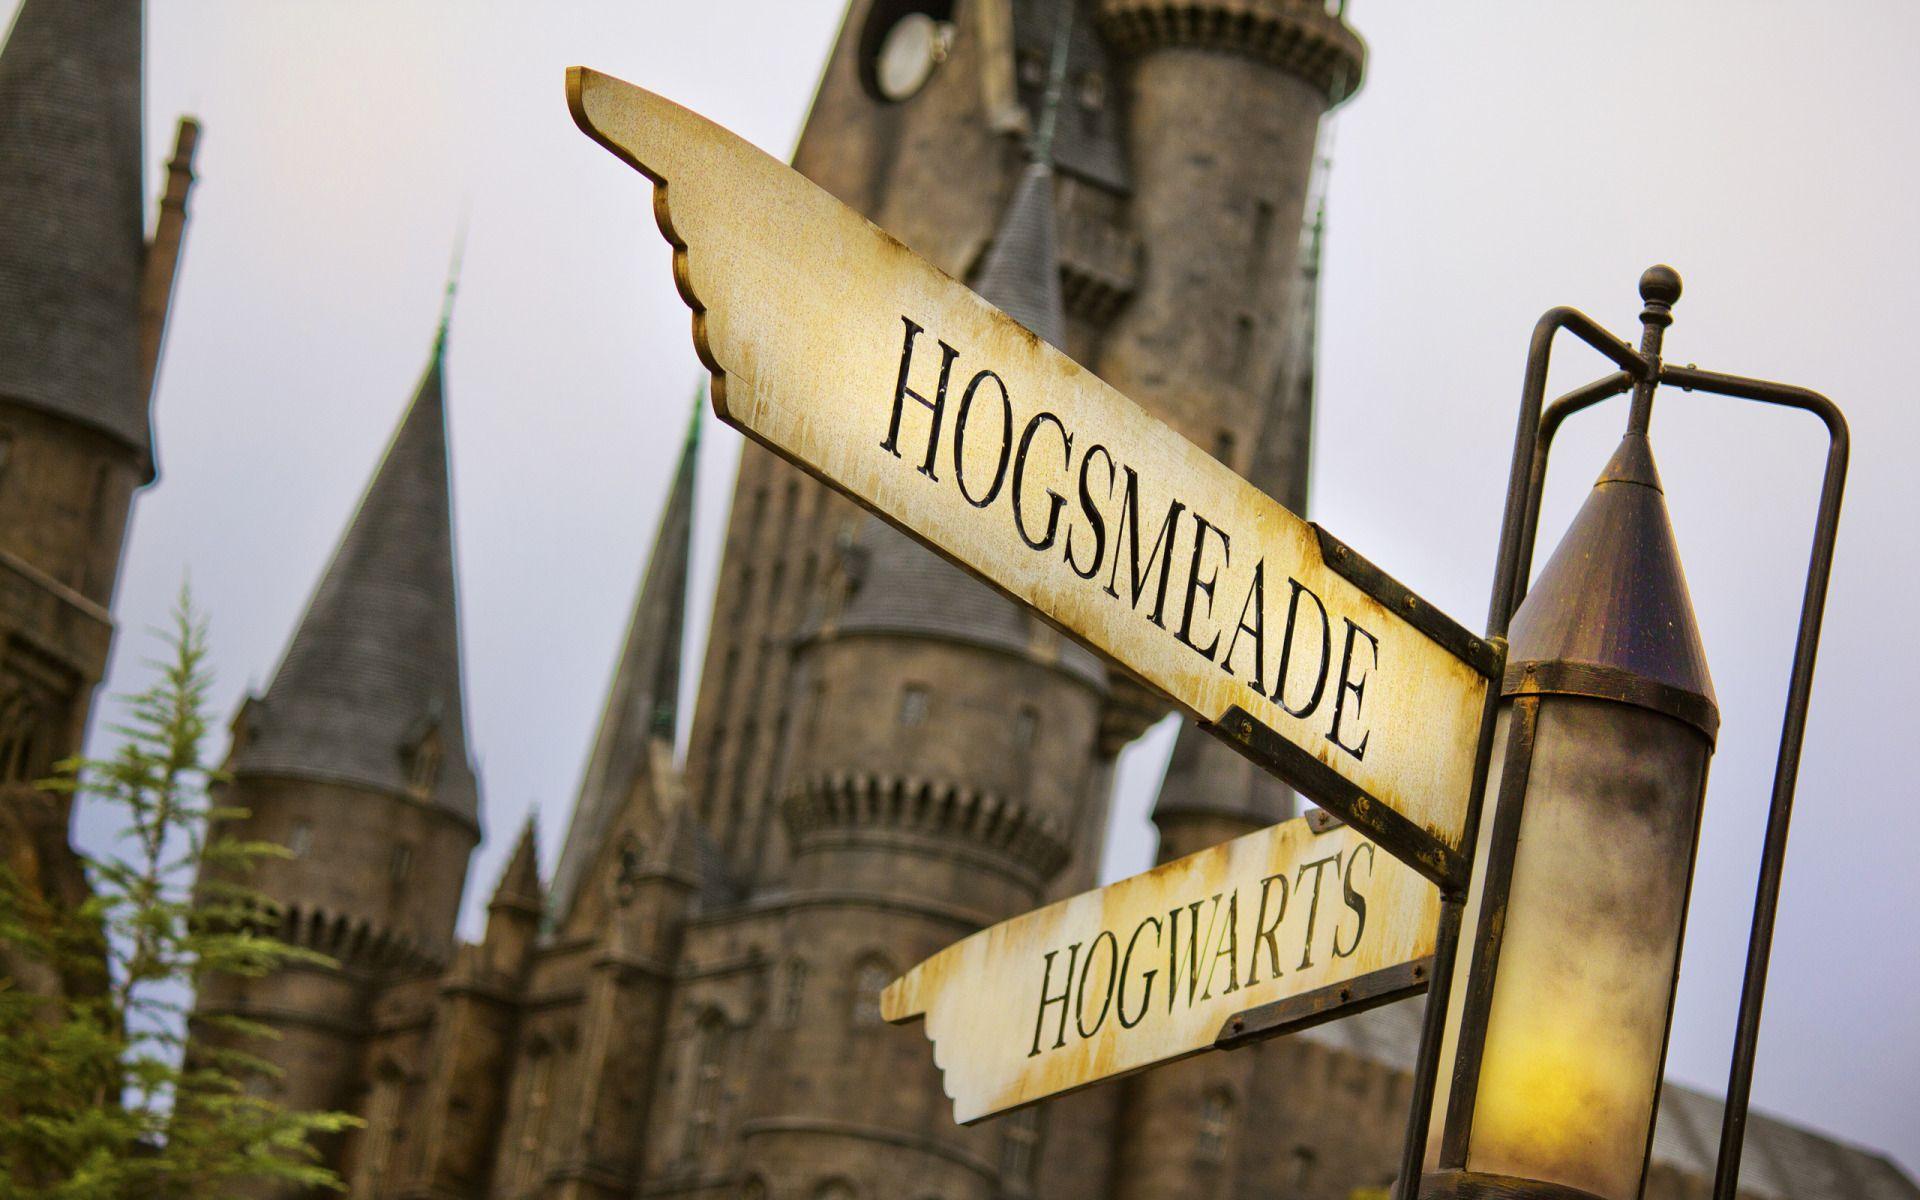 Harry potter castillo tumblr fondos de pantalla harry for Fondos de pantalla de harry potter